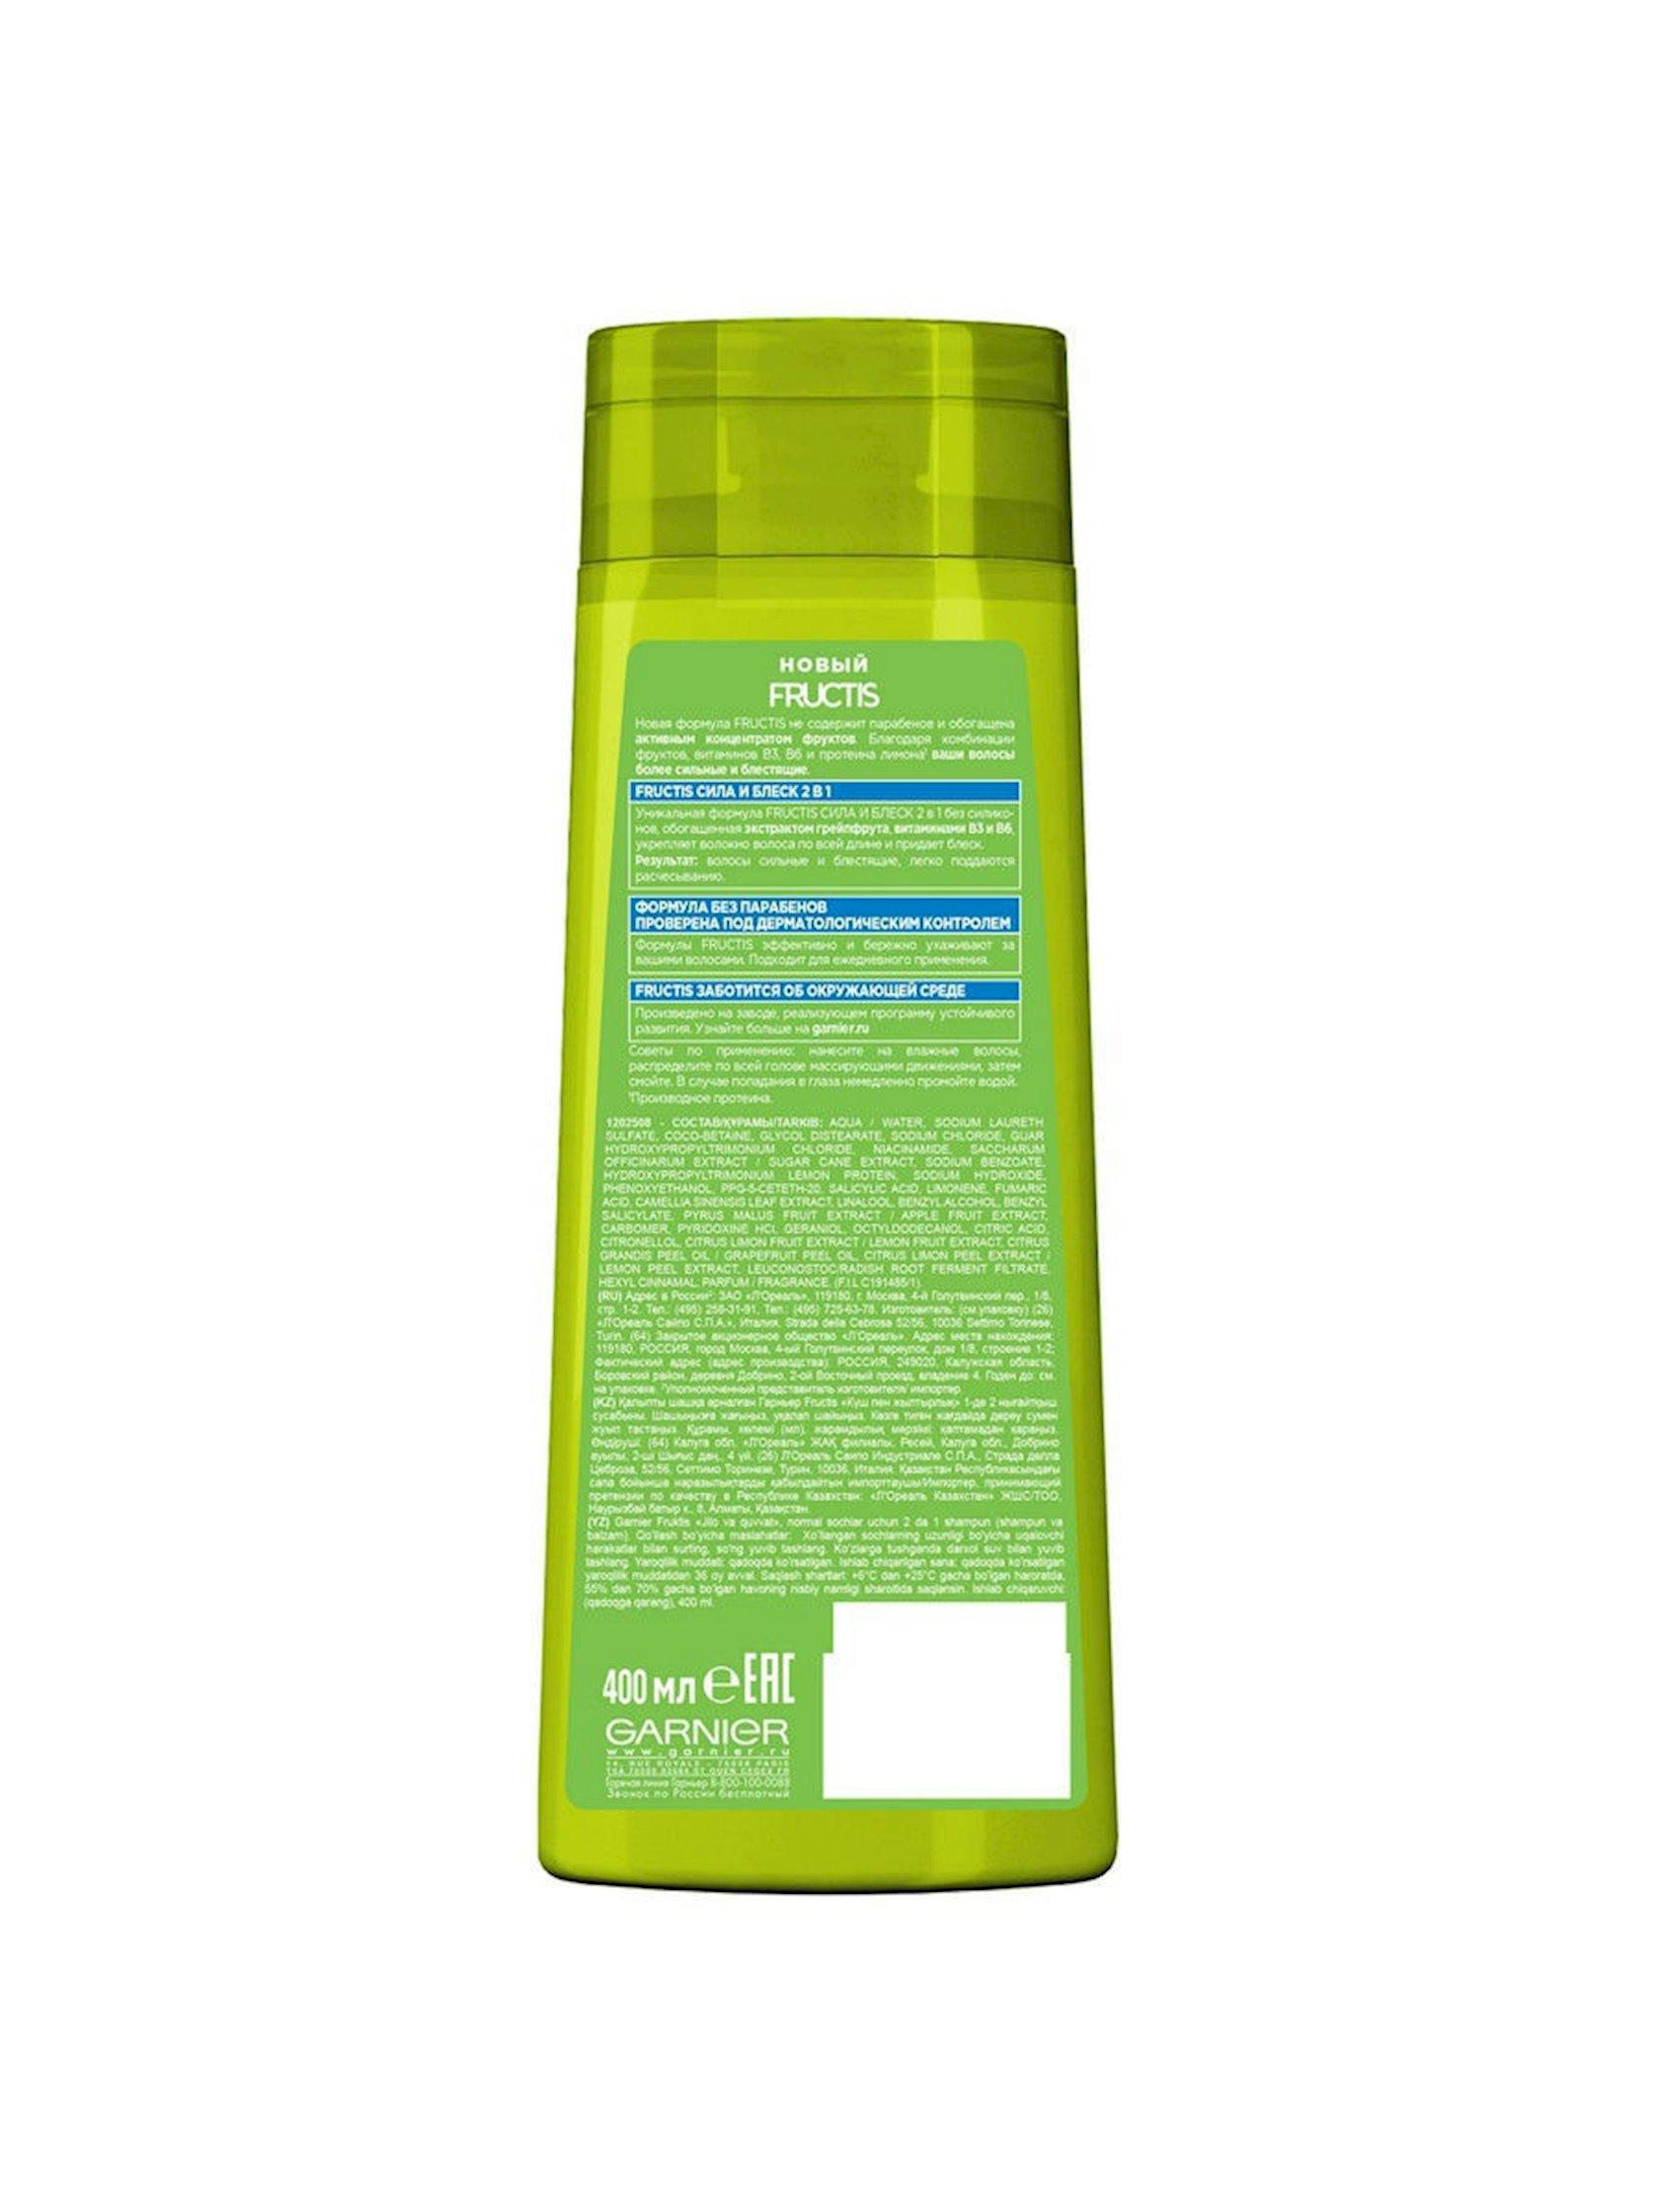 Şampun Garnier Fructis  Güc və Parlaqlıq, gücləndirici, normal saçlar üçün, Qreypfrut Ekstraktı ilə, 400 ml